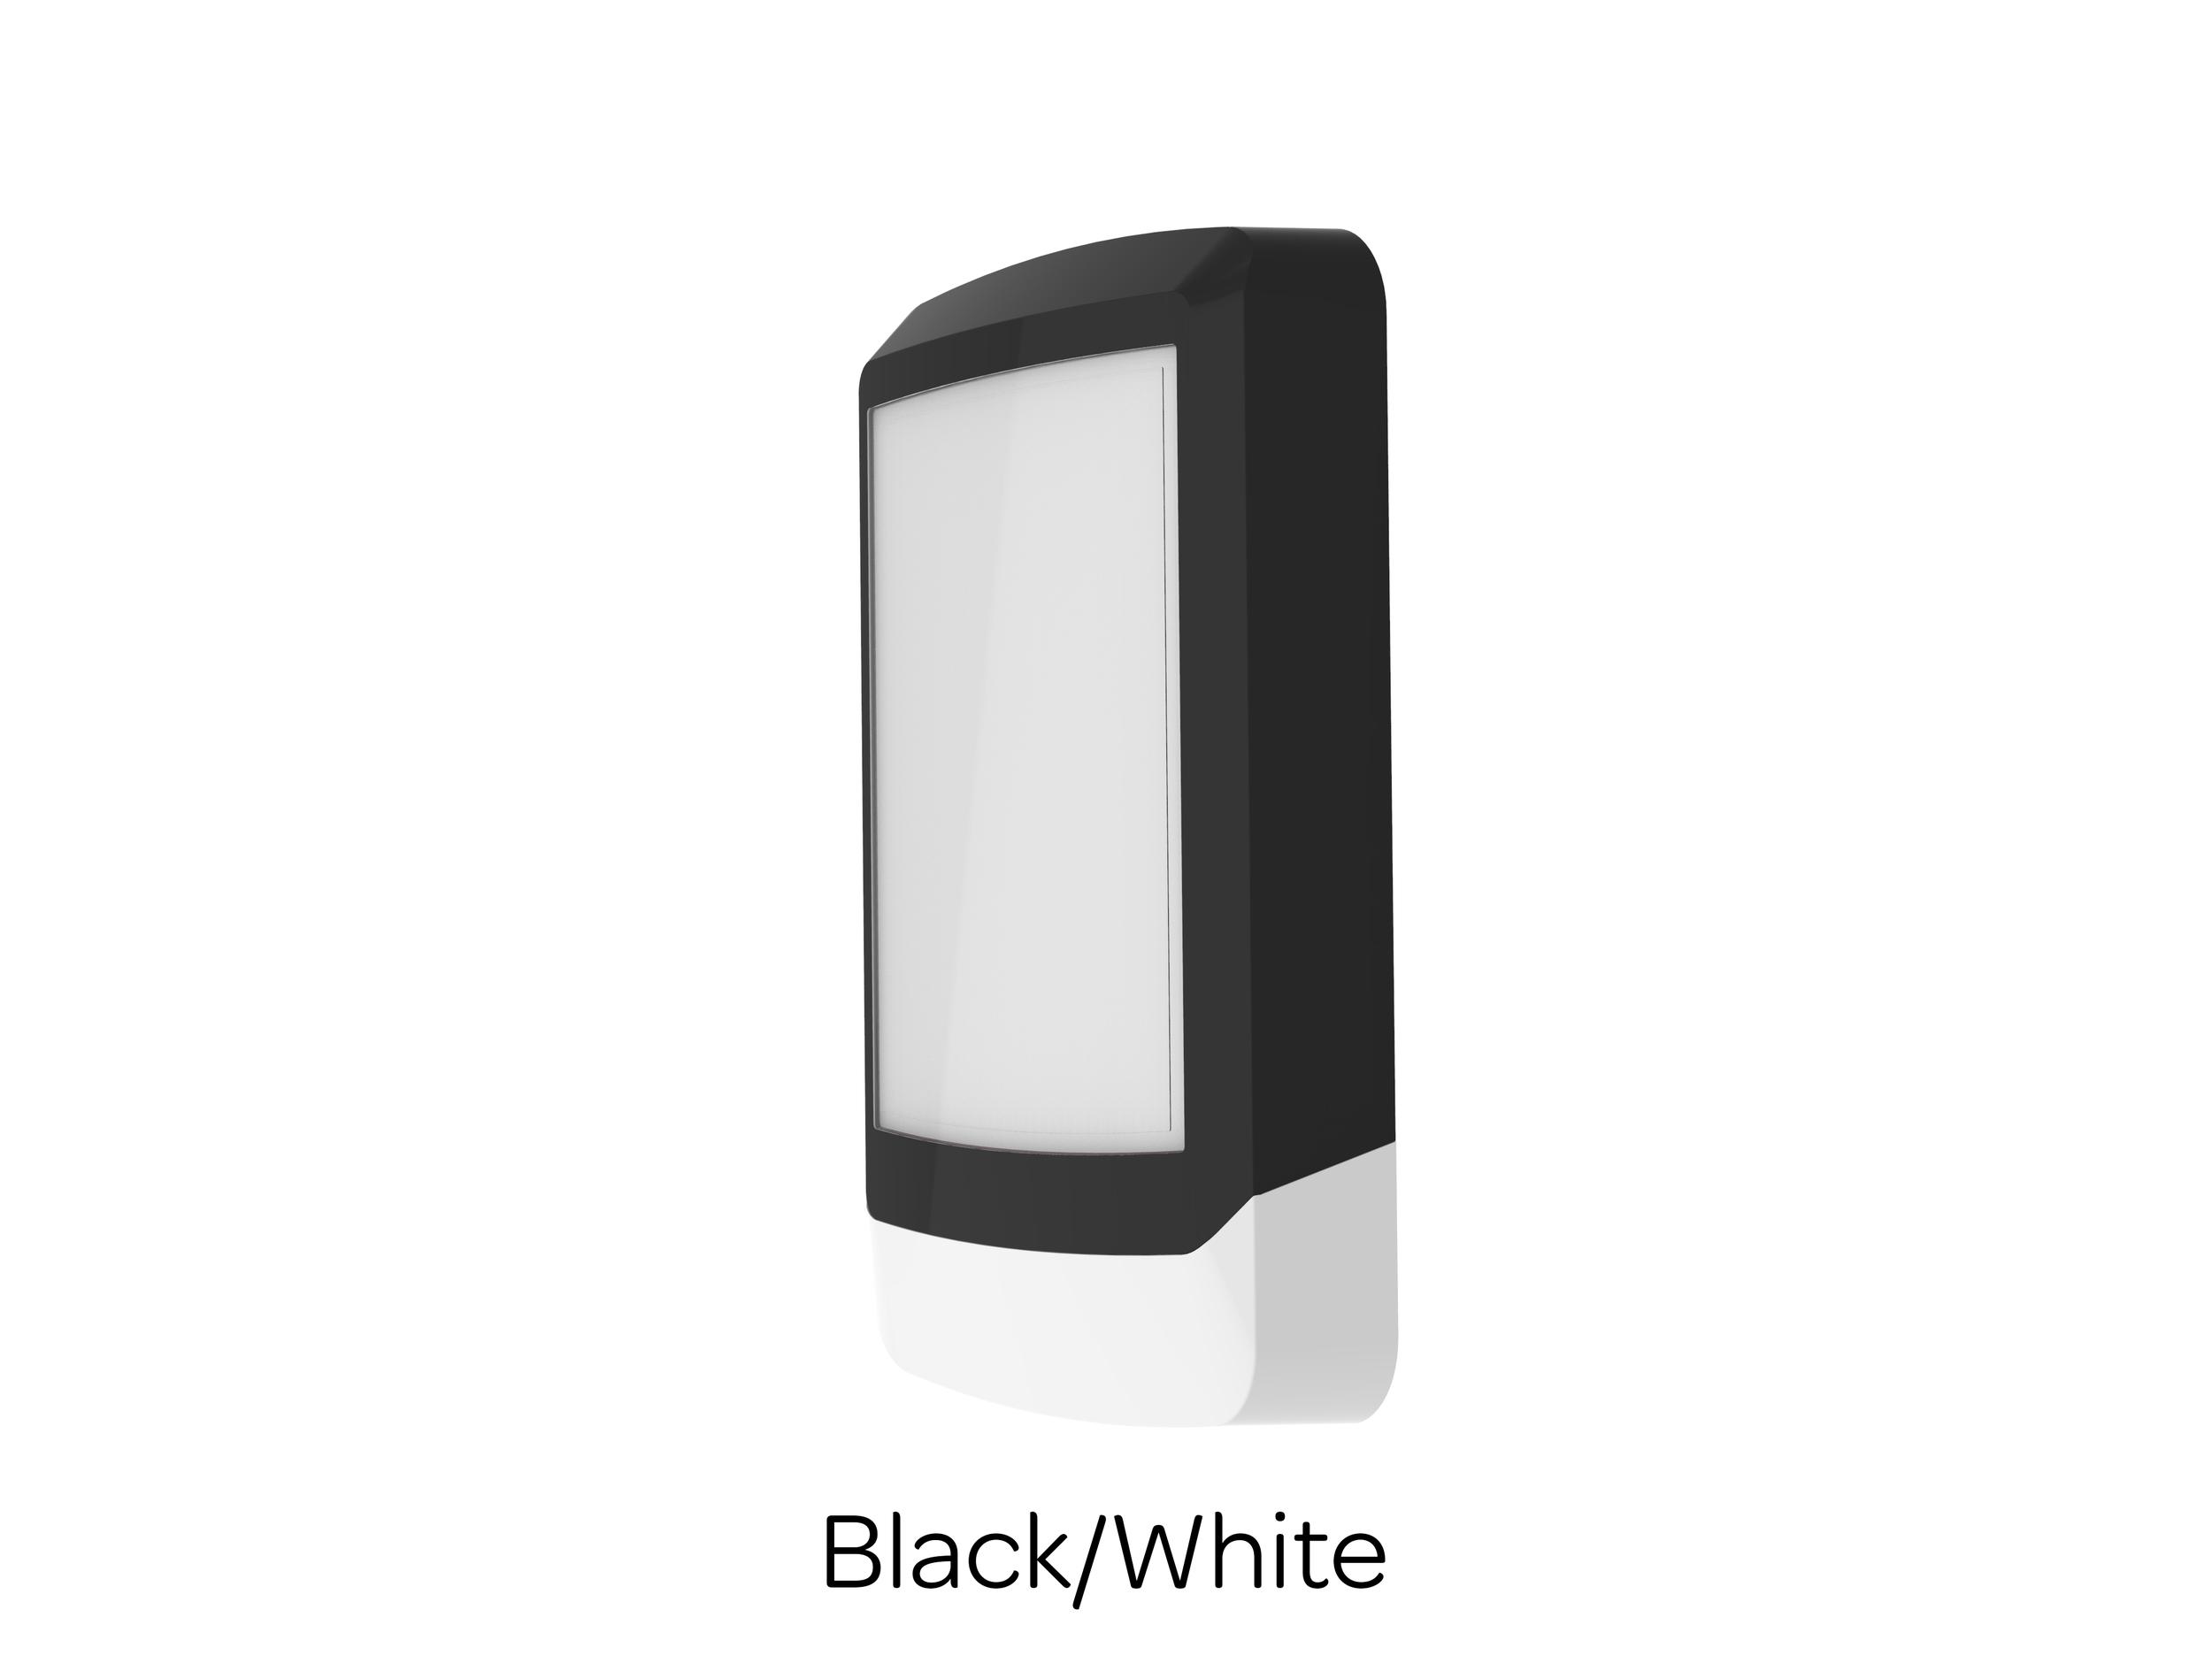 Web_OdyX1_Black-White_WhiteBG.jpg